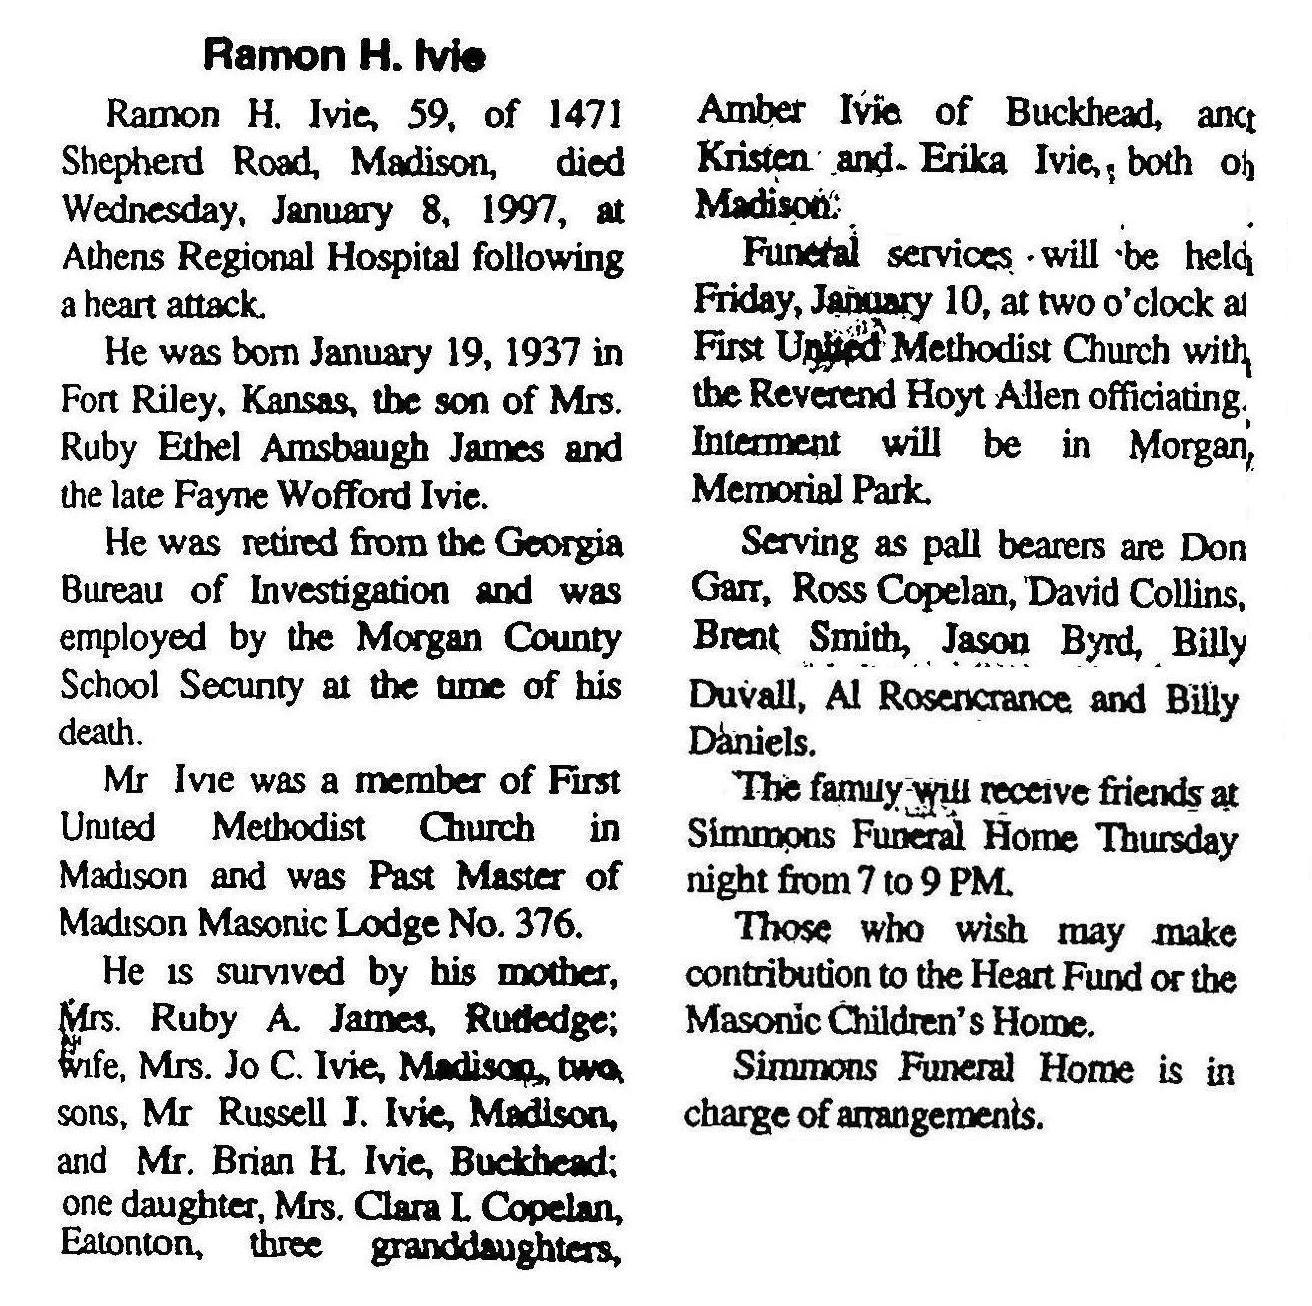 ivie_ramonh_1997-obituary.jpeg